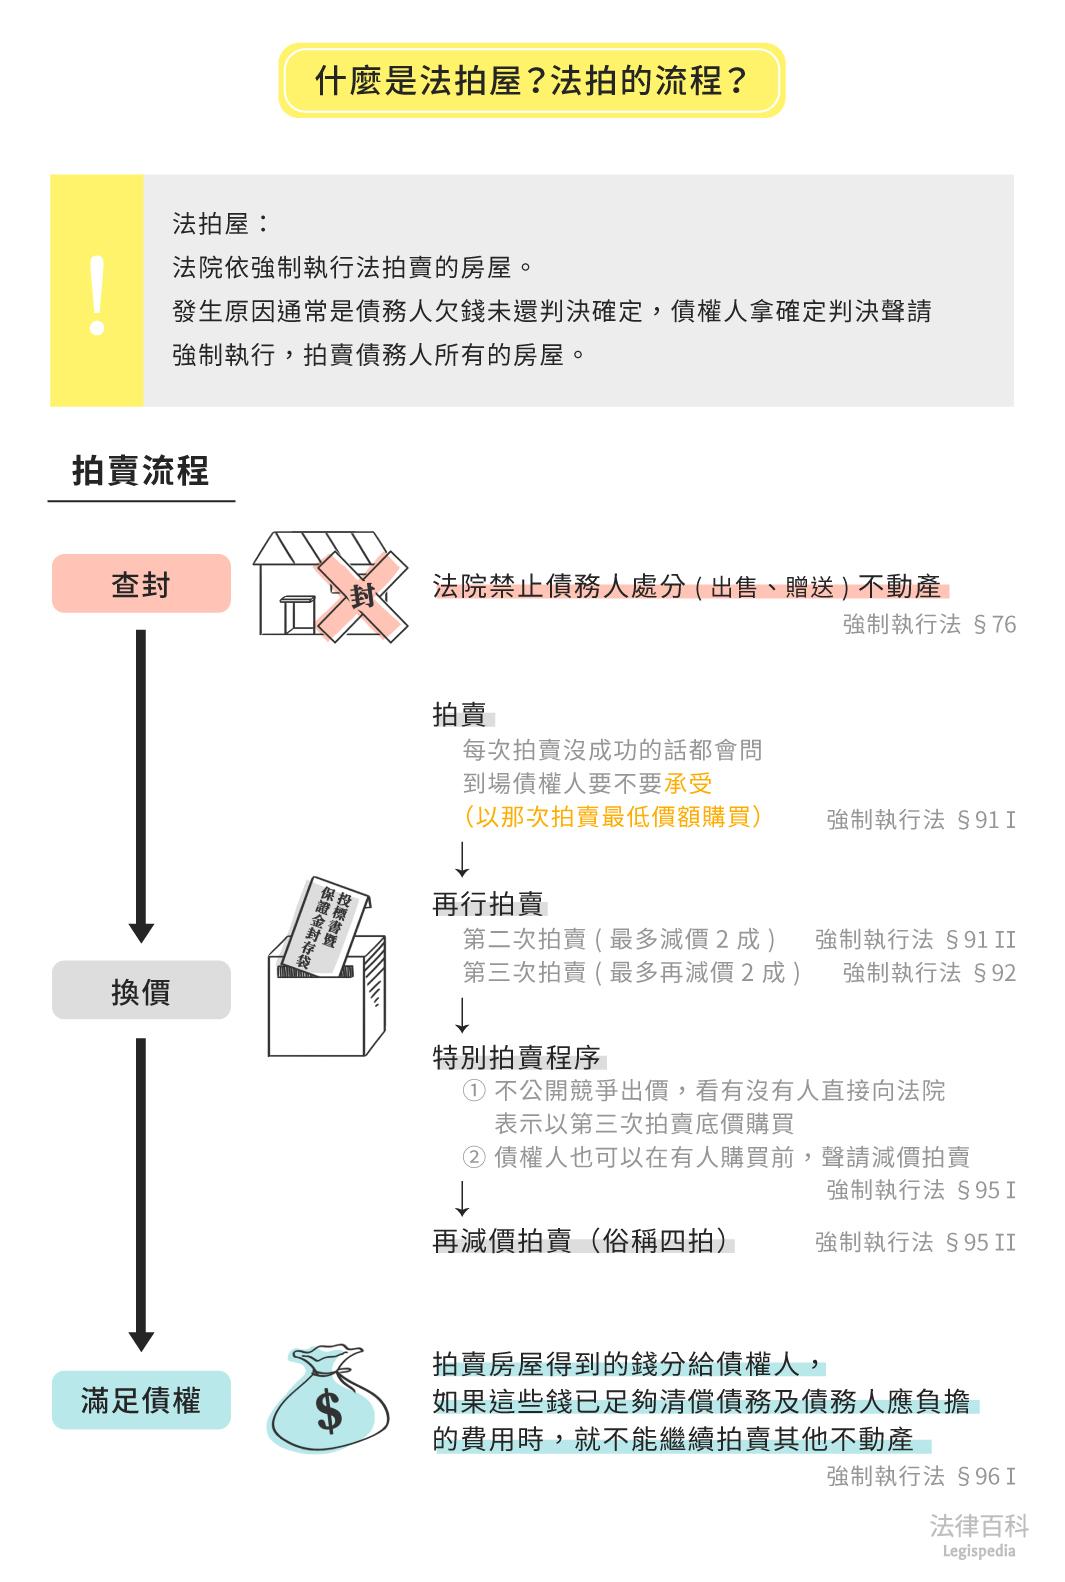 圖1 什麼是法拍屋?法拍的流程?  資料來源:張博洋 / 繪圖:Yen